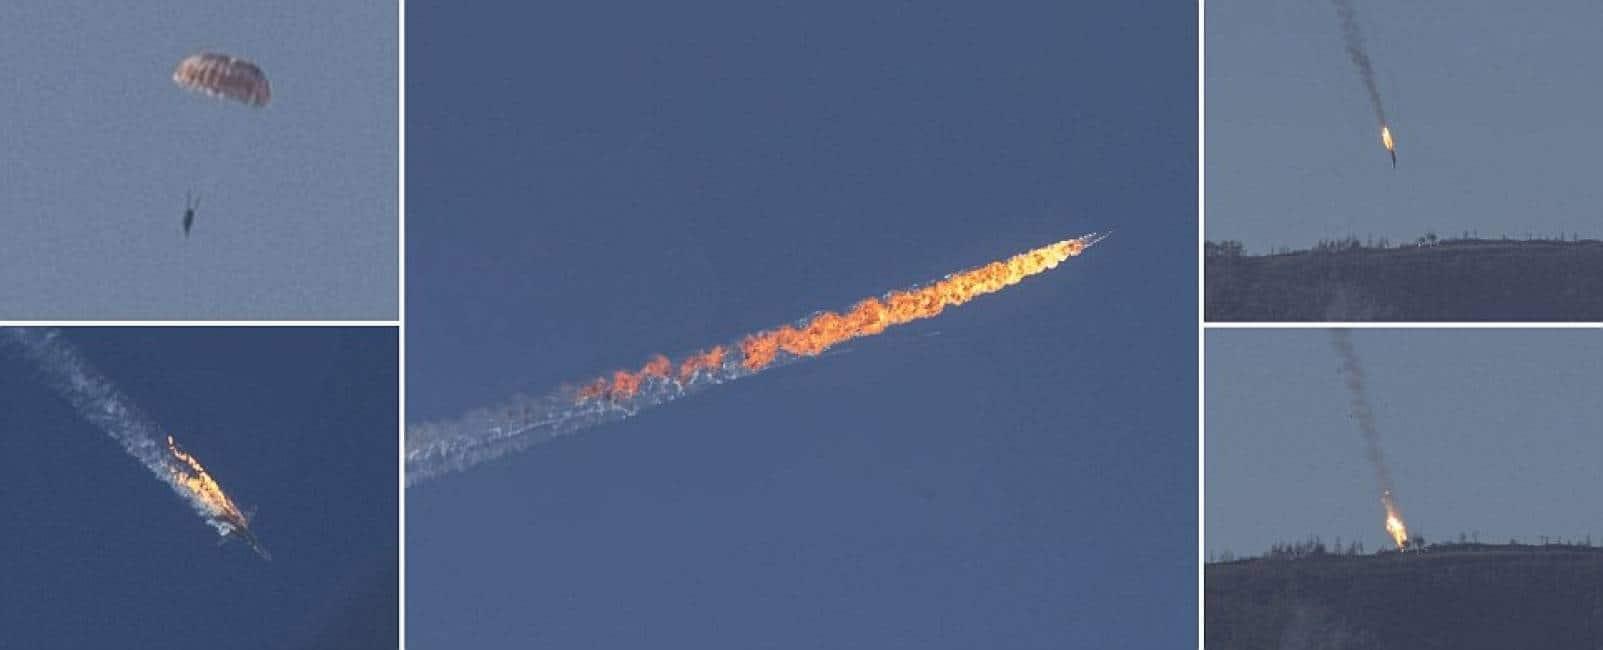 Nuovo Aereo Da Caccia Russo : L abbattimento del caccia russo innesca un nuovo